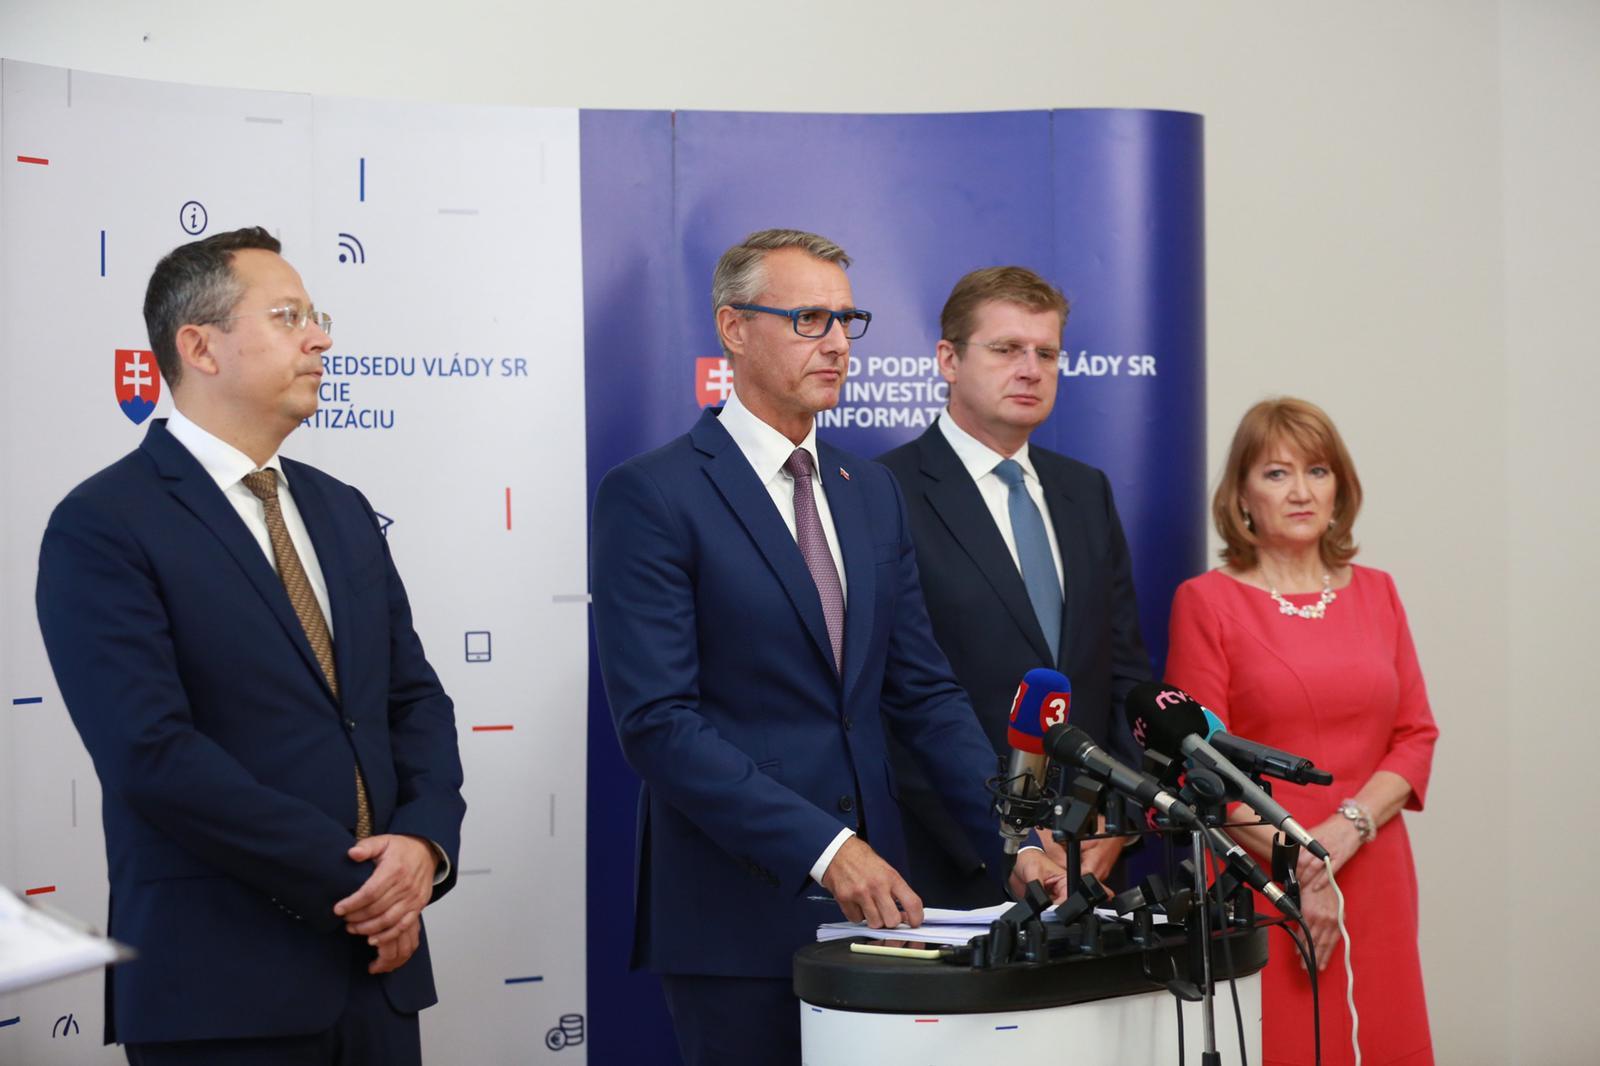 Vízia a stratégia Slovenska 2030 nie je politická, preto ju nemožno zmiesť zo stola